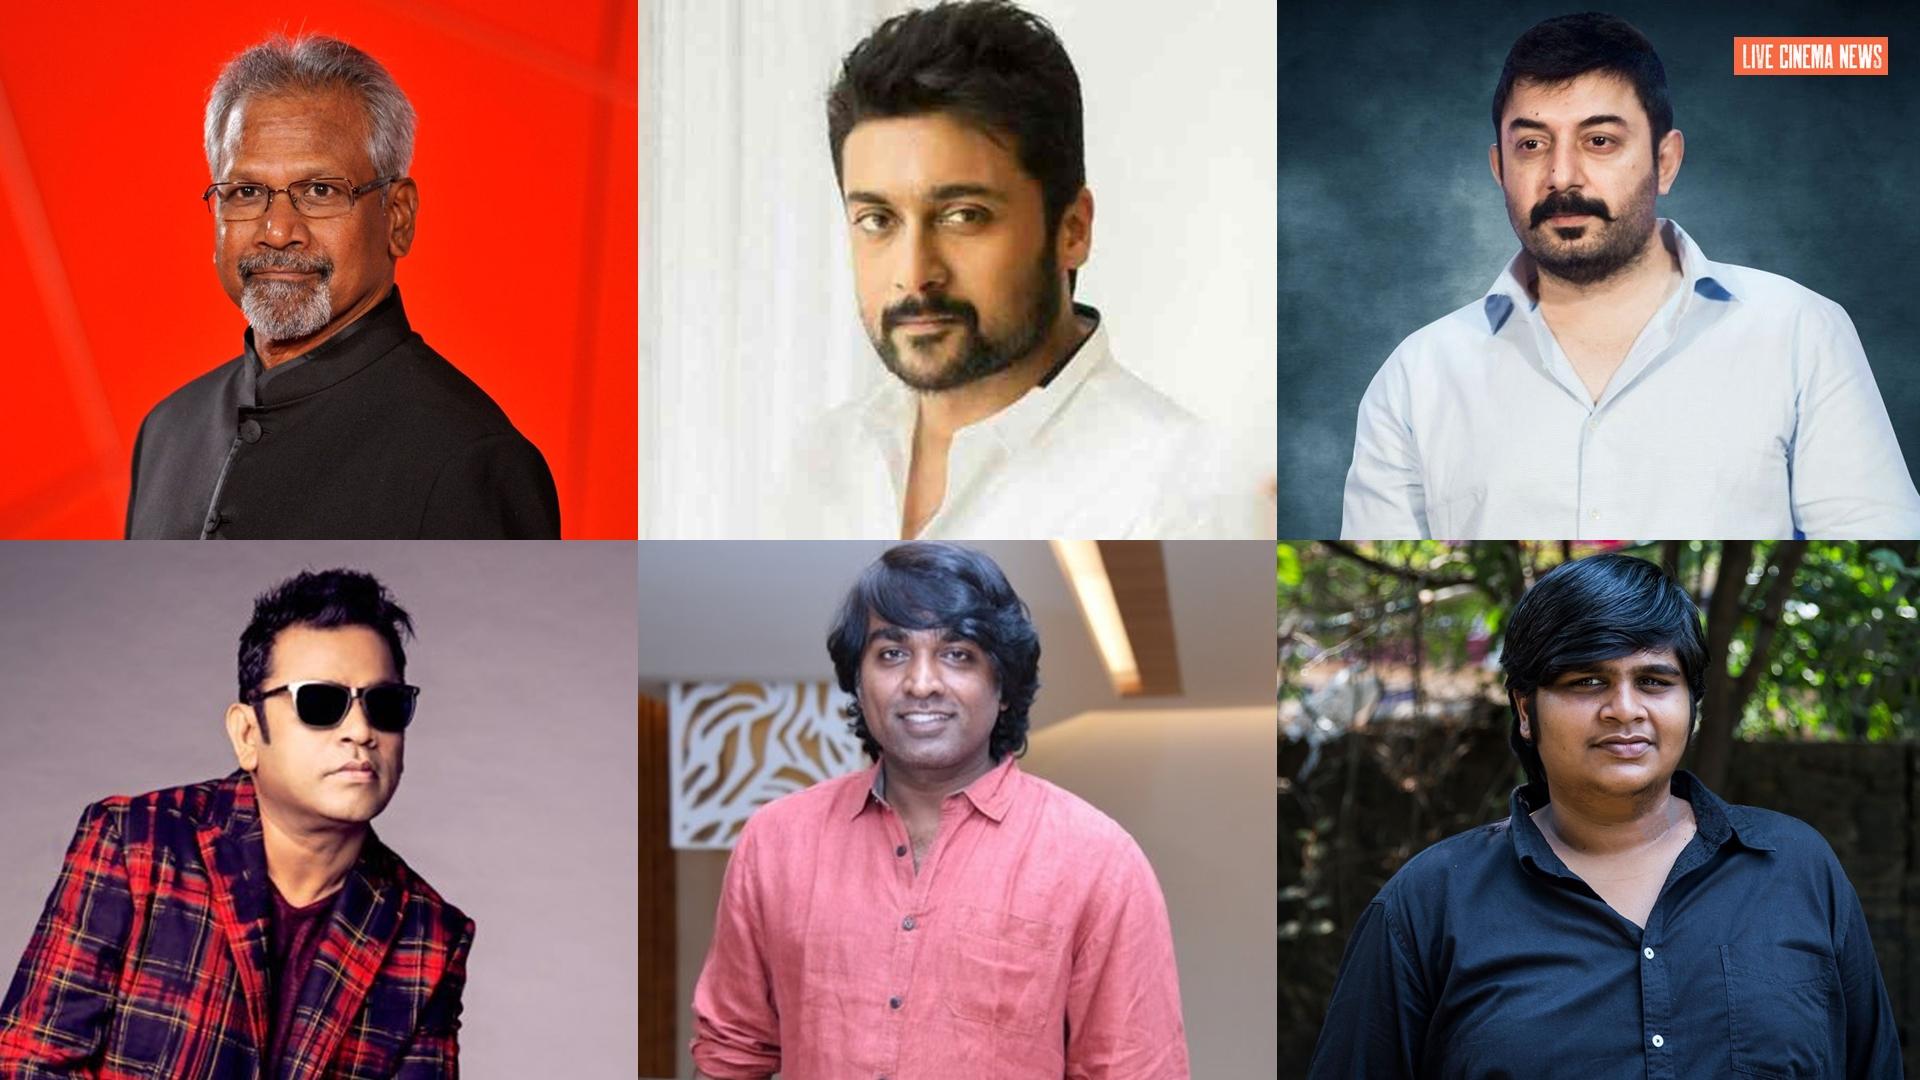 Top directors unite for Mani Ratnam's Netflix series